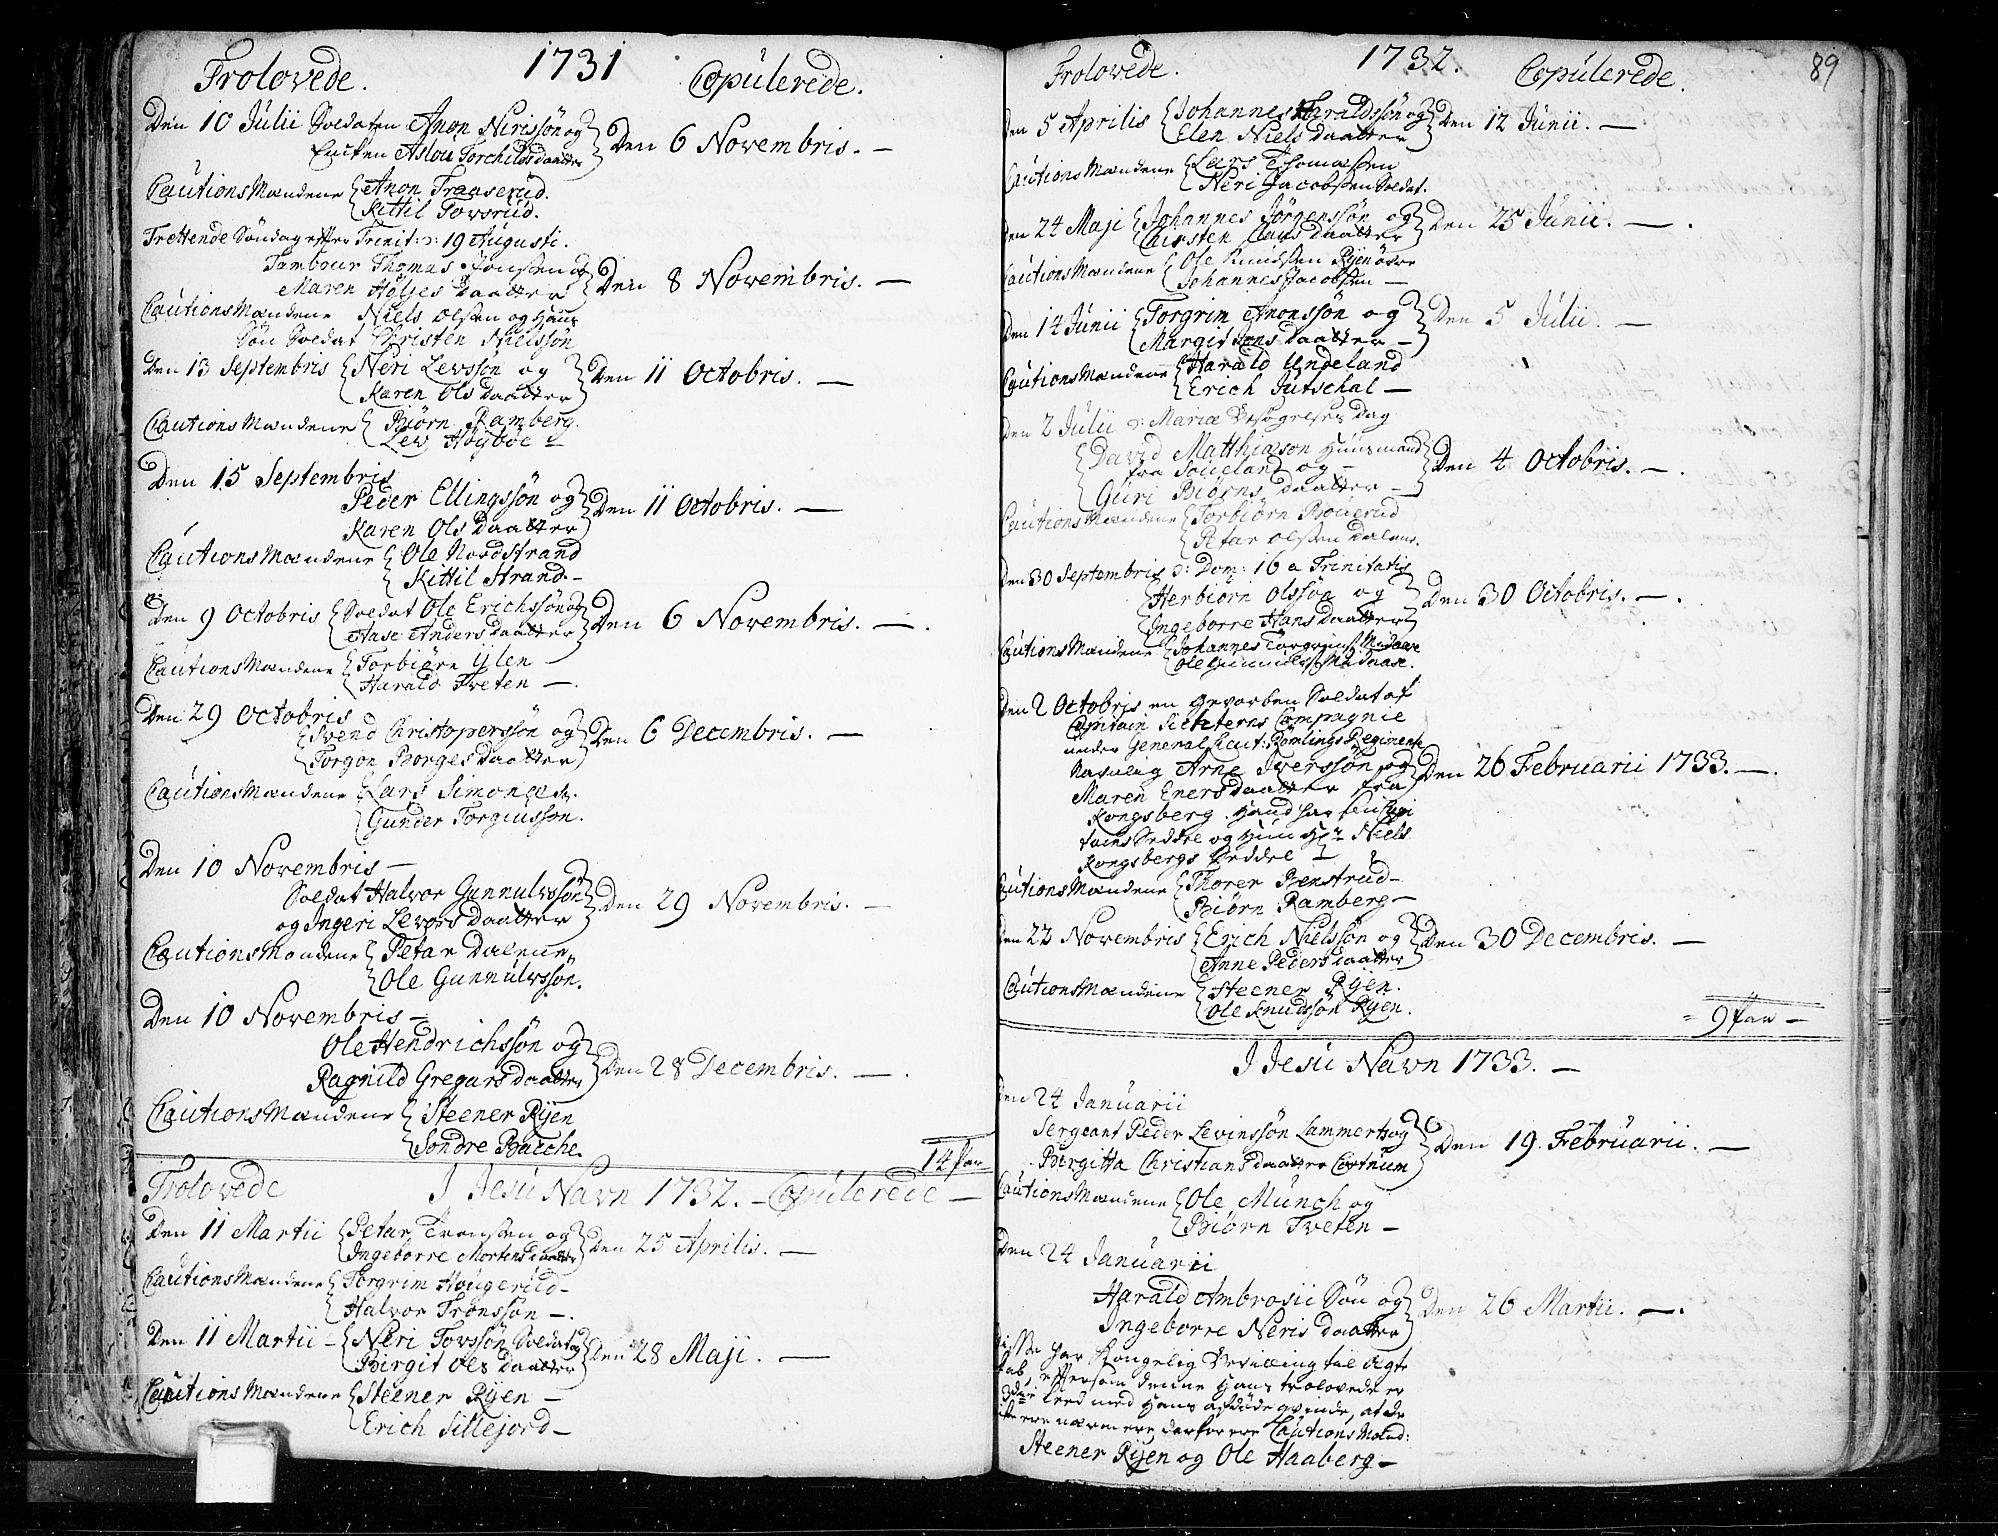 SAKO, Heddal kirkebøker, F/Fa/L0003: Ministerialbok nr. I 3, 1723-1783, s. 89